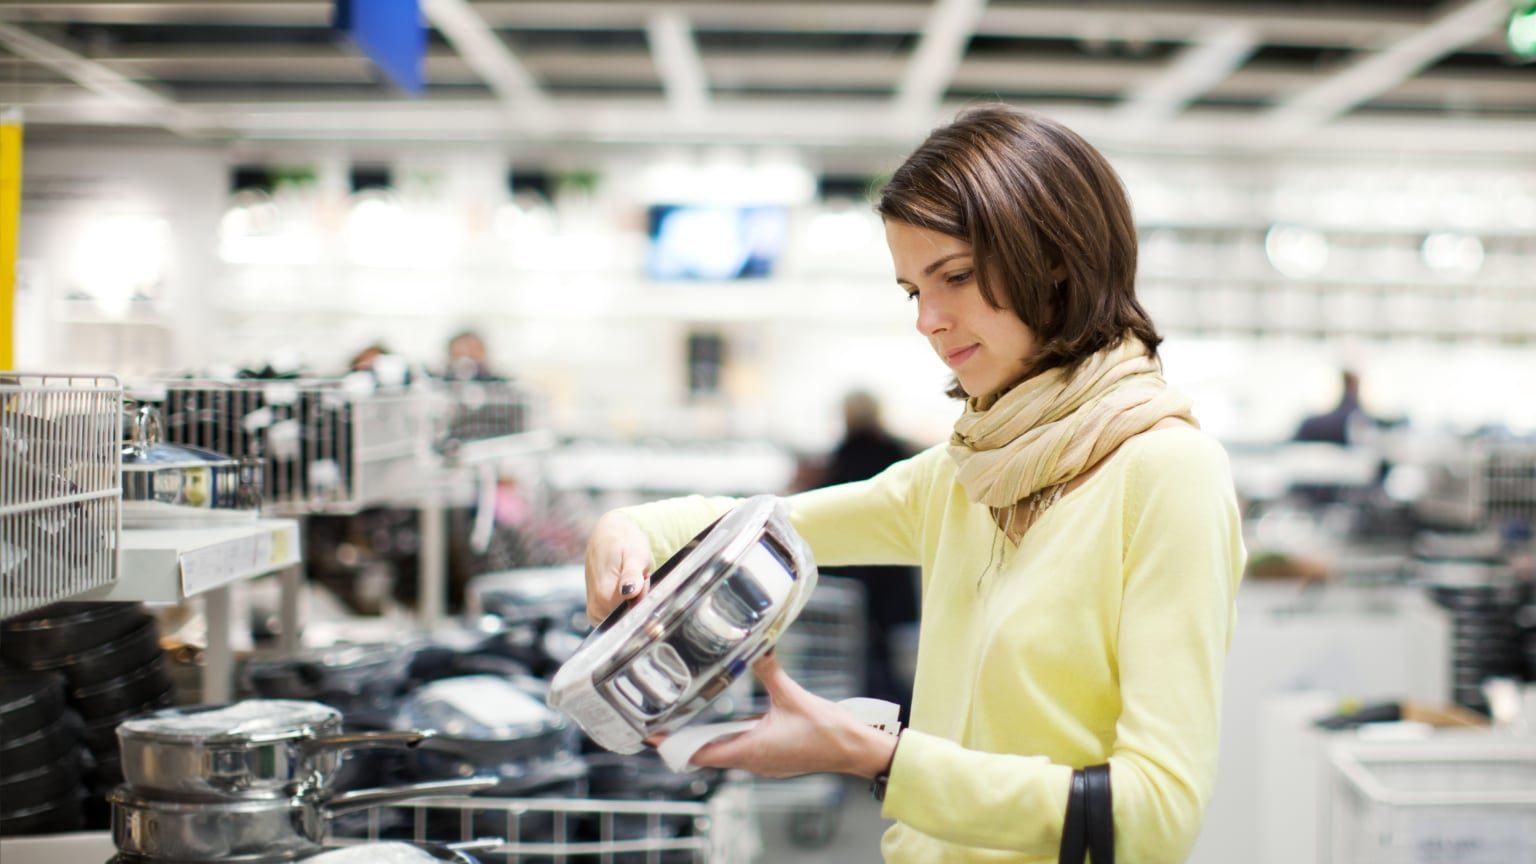 Woman choosing cookware